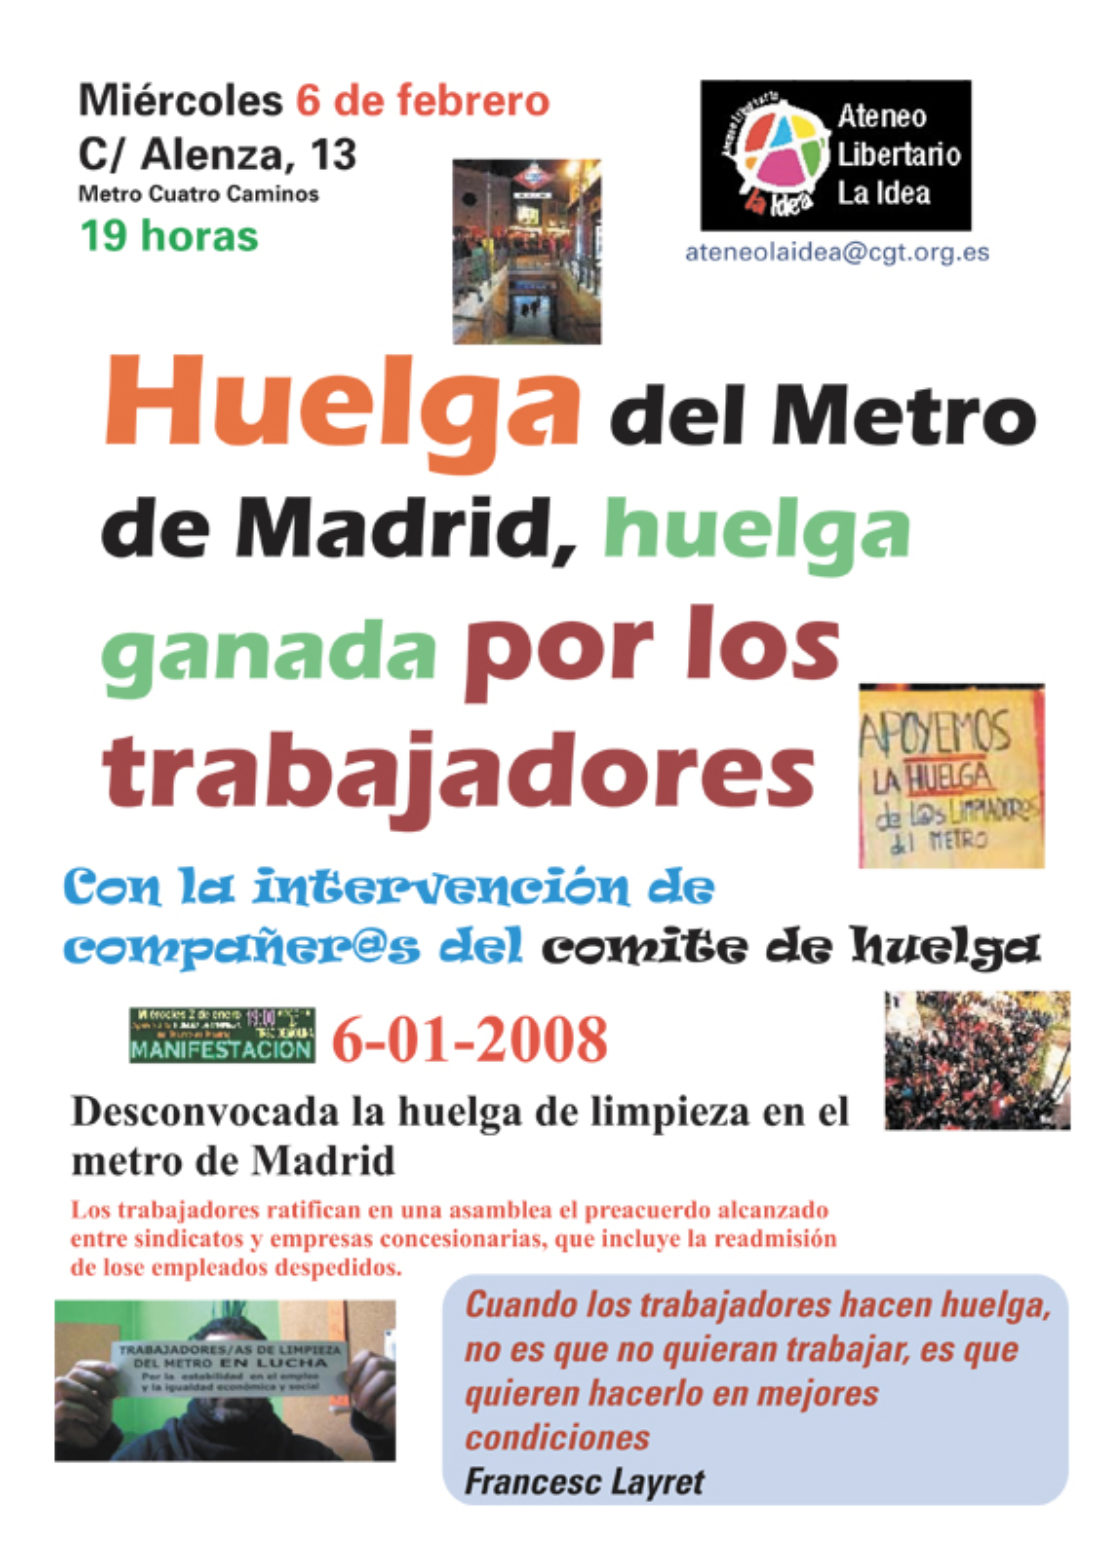 Ateneo Libertario La Idea: «Huelga del Metro de Madrid, huelga ganada por los trabajadores», con la intervención de compañer@s del Comité de Huelga